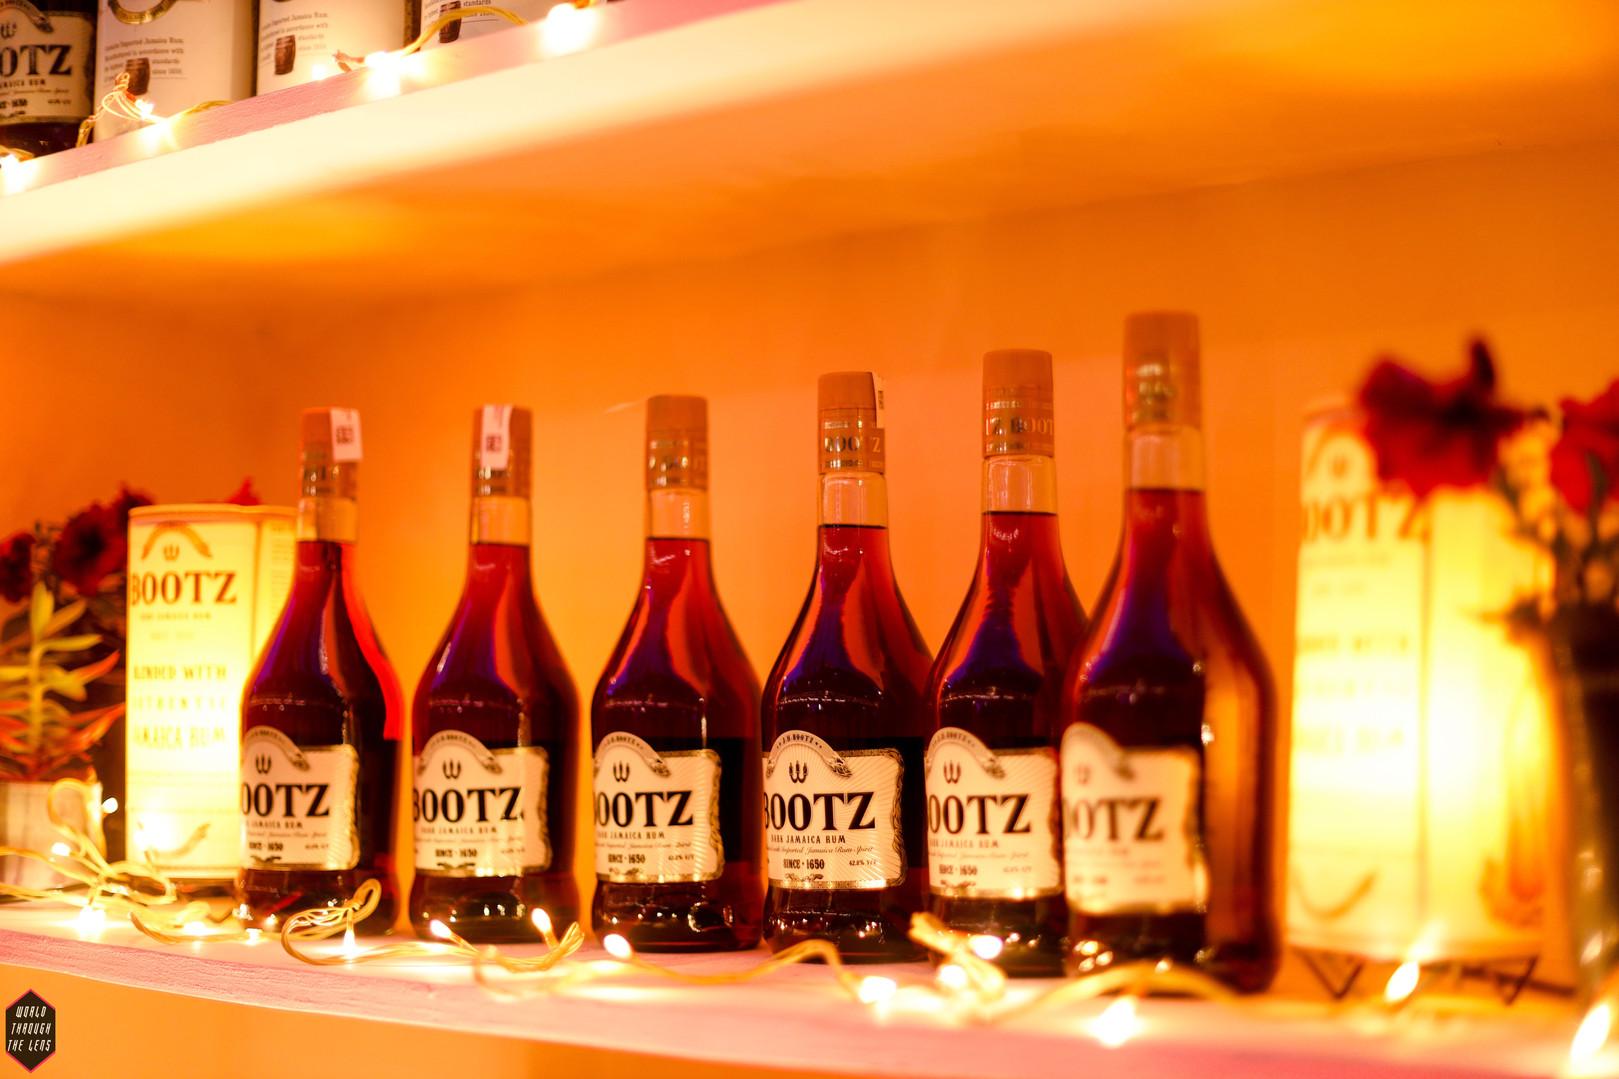 Bootz Rum Display